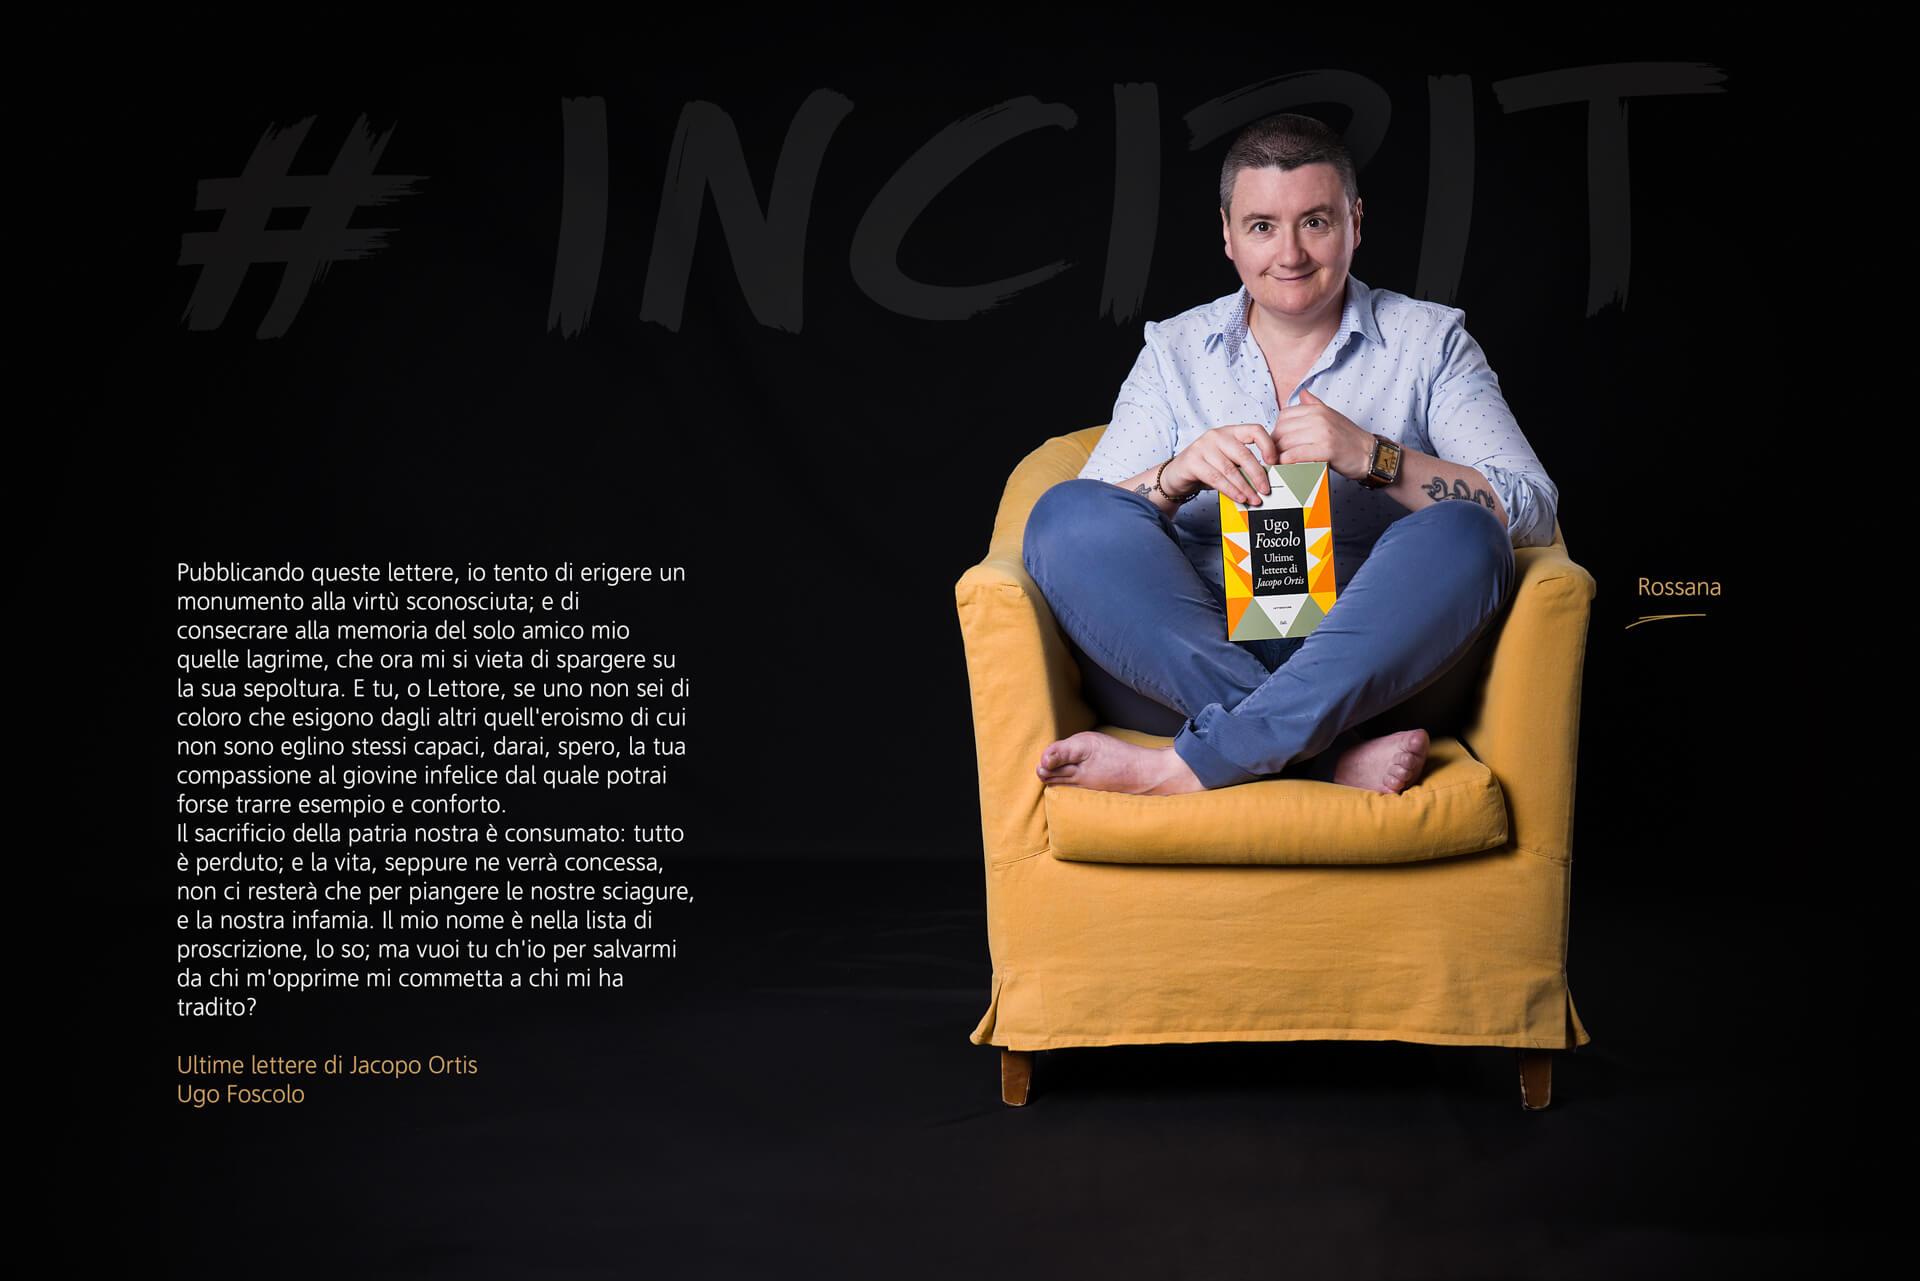 #INCIPIT - Progetto Fotografico di Massimiliano Ferrari - Avv. Rossana Gregorini Fotografata da Massimiliano Ferrari